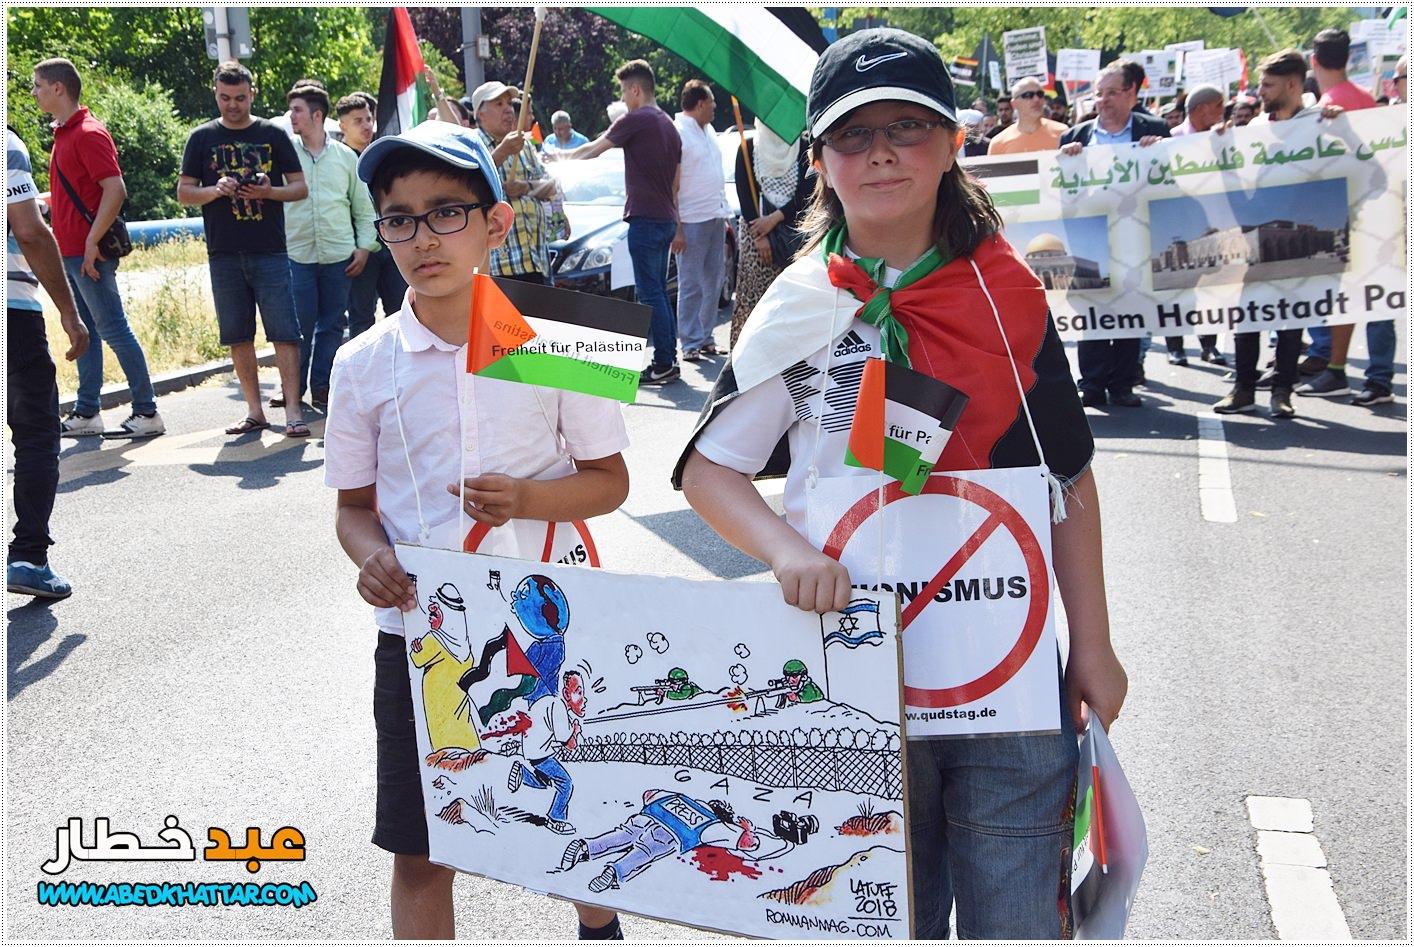 احياء يوم القدس العالمي في برلين مقابل مظاهرة تأييد لإسرائيل لعام 2018